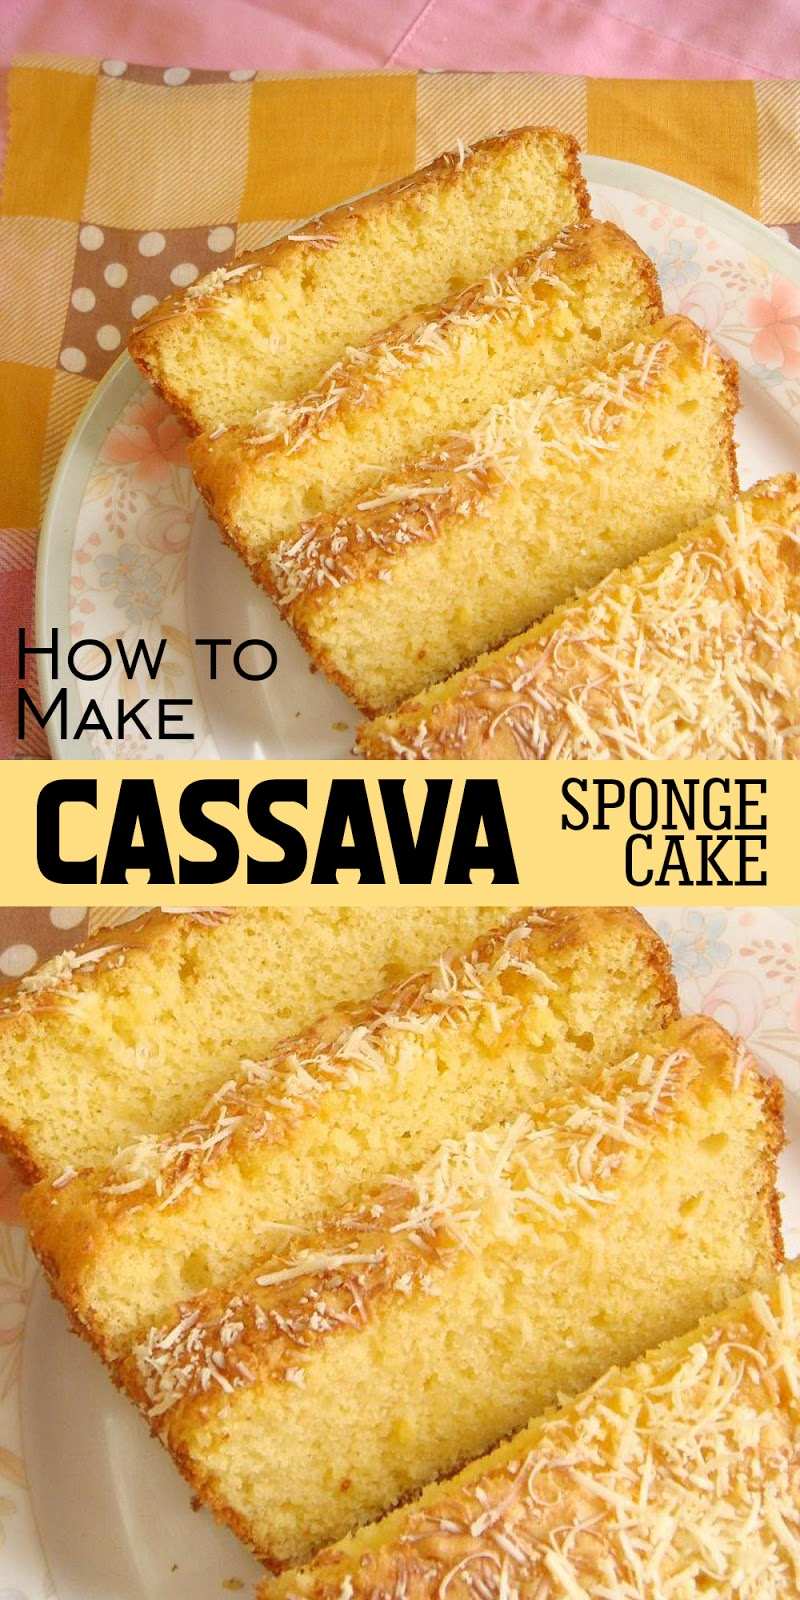 CASSAVA SPONGE CAKE